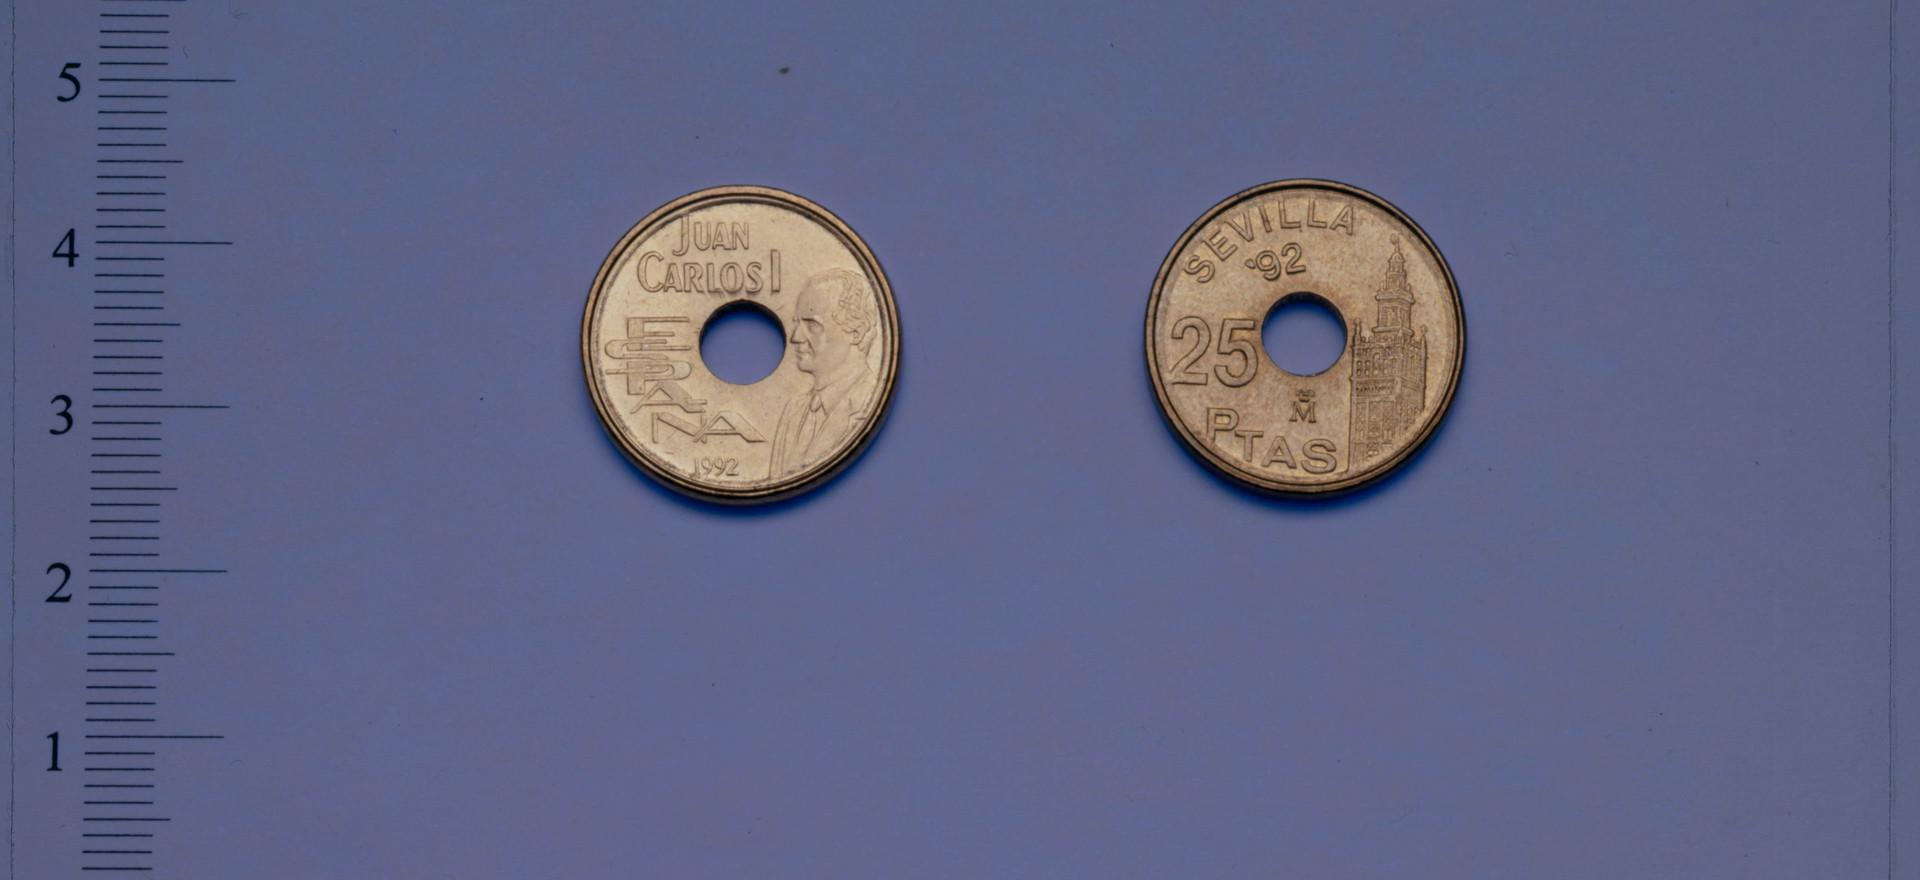 Cuadro_n_19_Moneda circulada 1992_0002.j